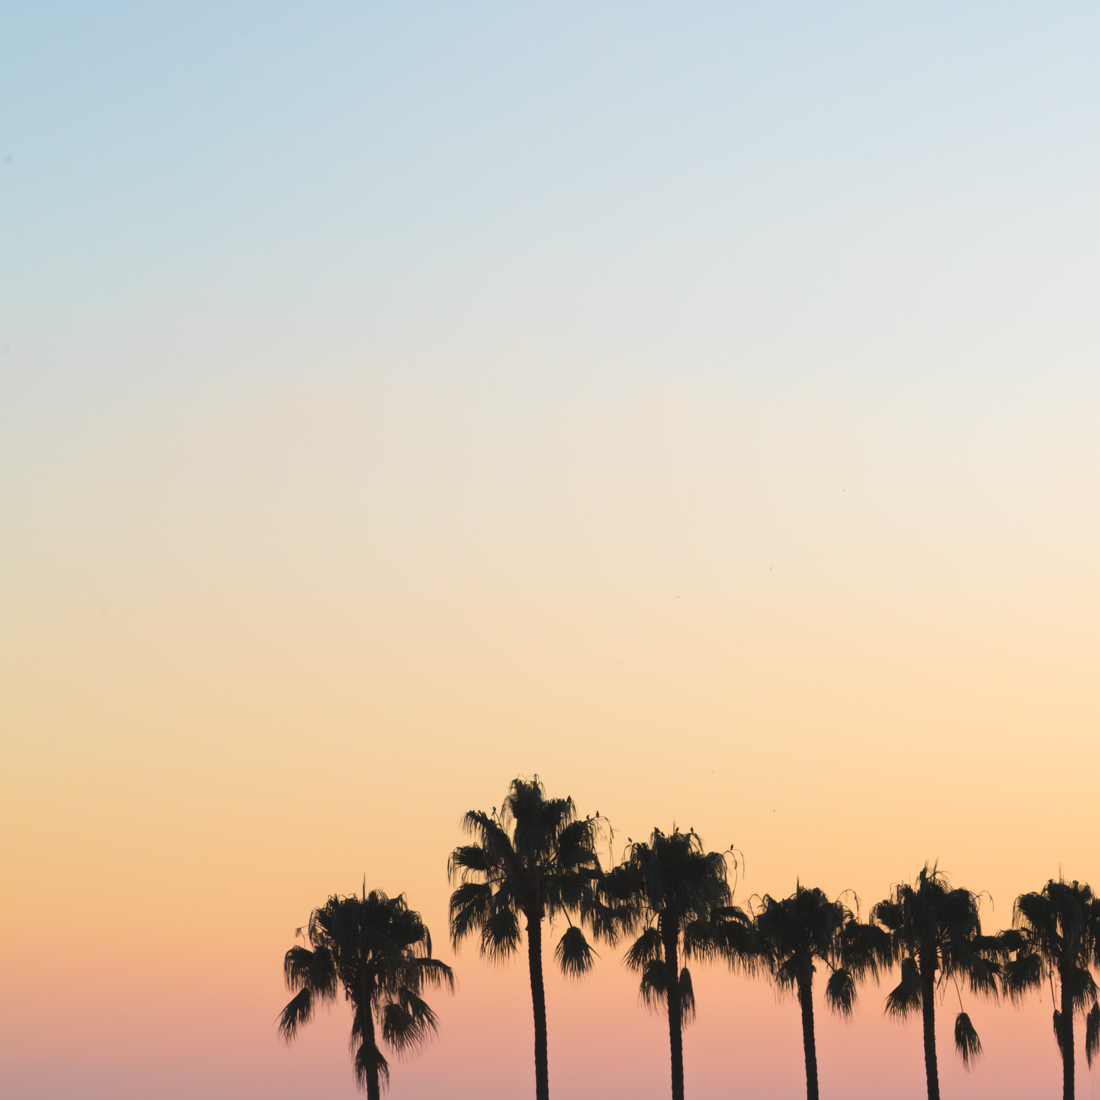 cannes majestic barriere fouquets la plage copyright Pauline paulinefashionblog com 16 Un week end à Cannes